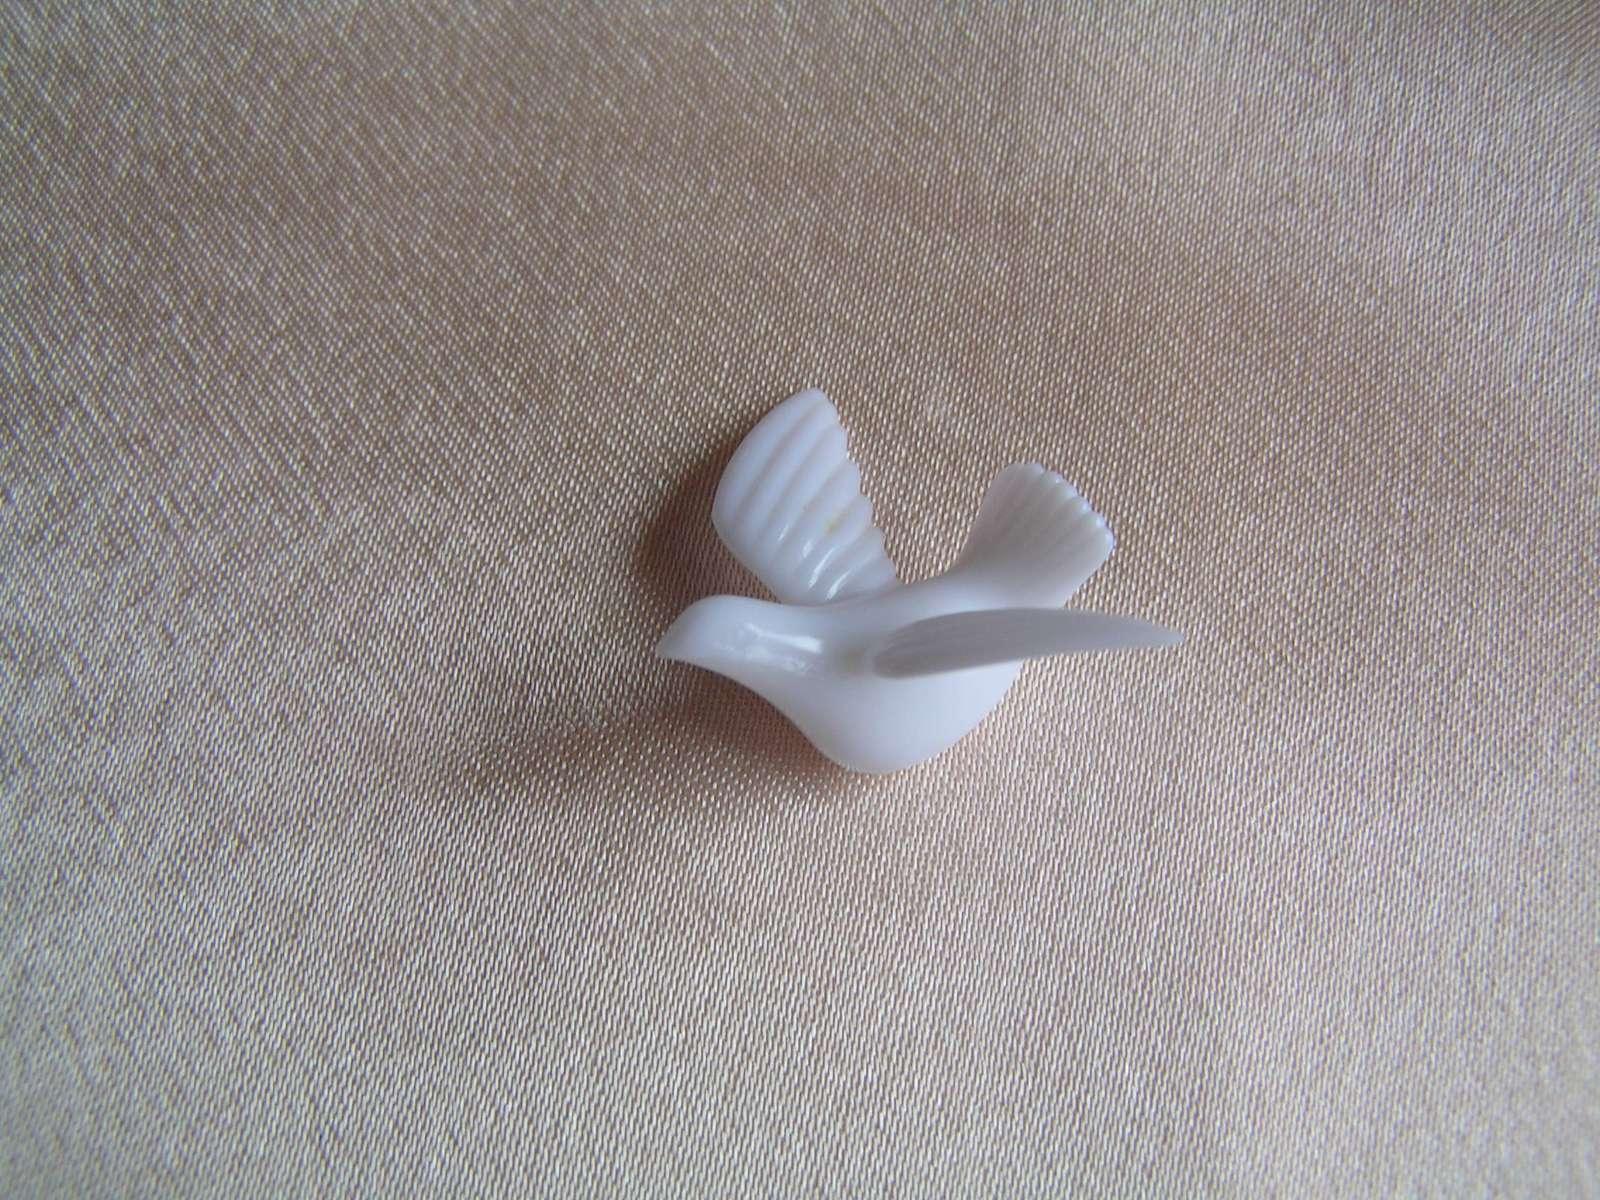 Malé bílé holubičky - Obrázek č. 1